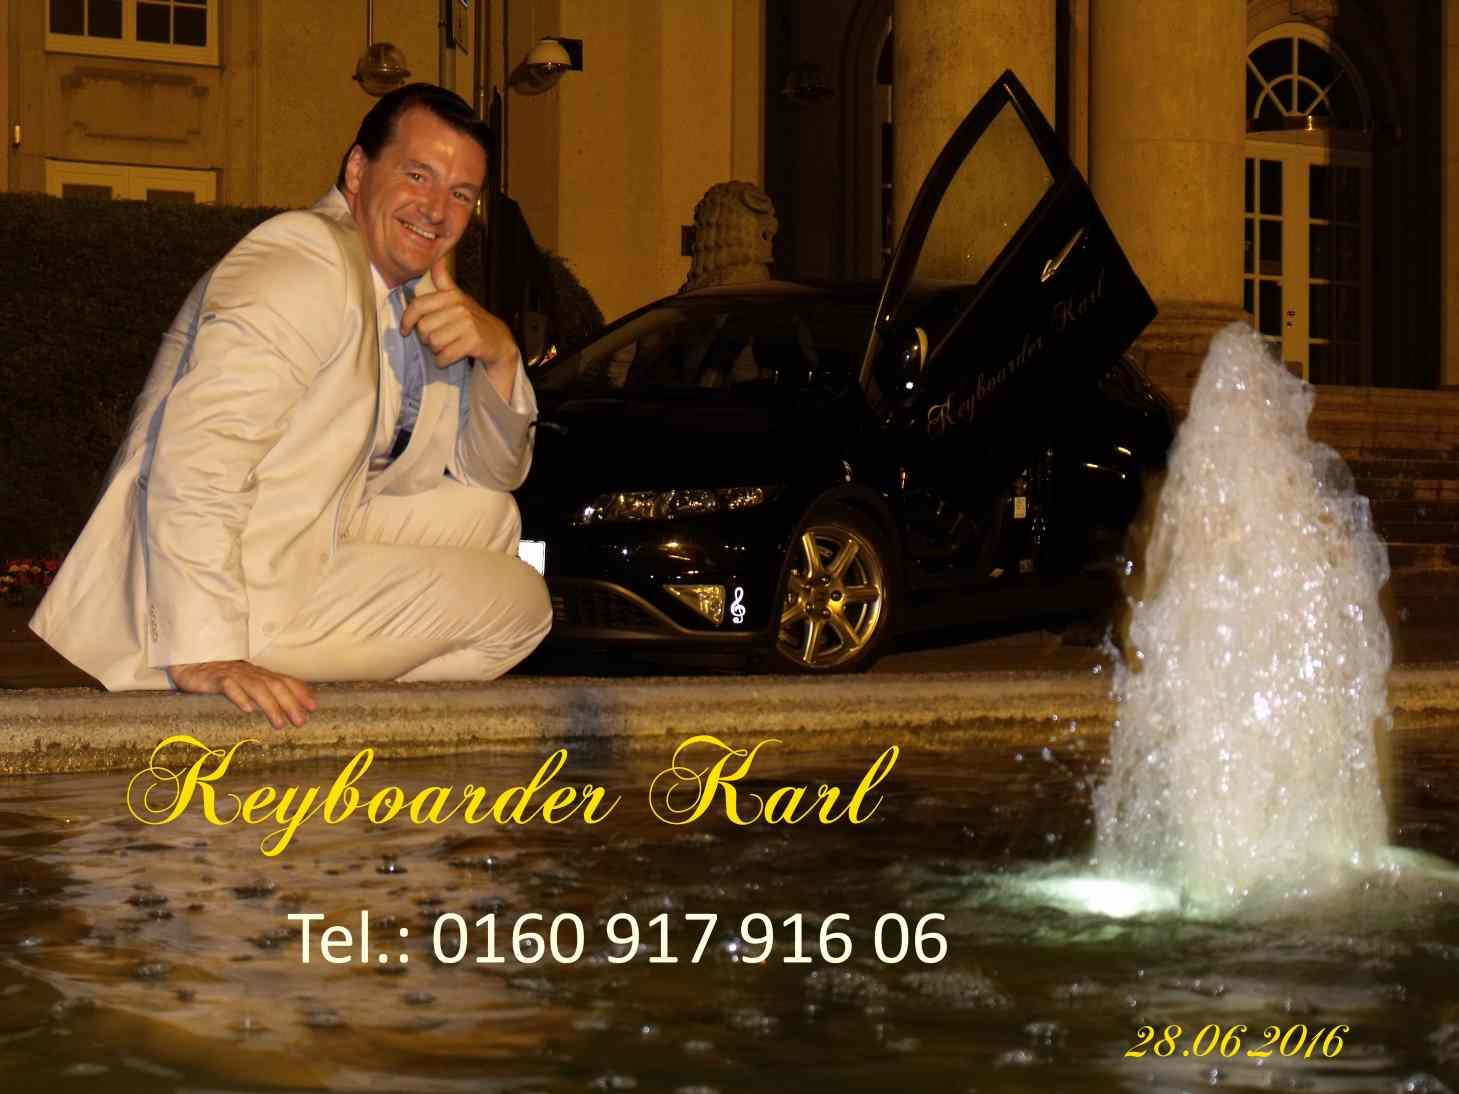 Liebe zum Detail - Alleinunterhalter Keyboarder Karl lebt seinen Job als Alleinunterhalter und Party DJ